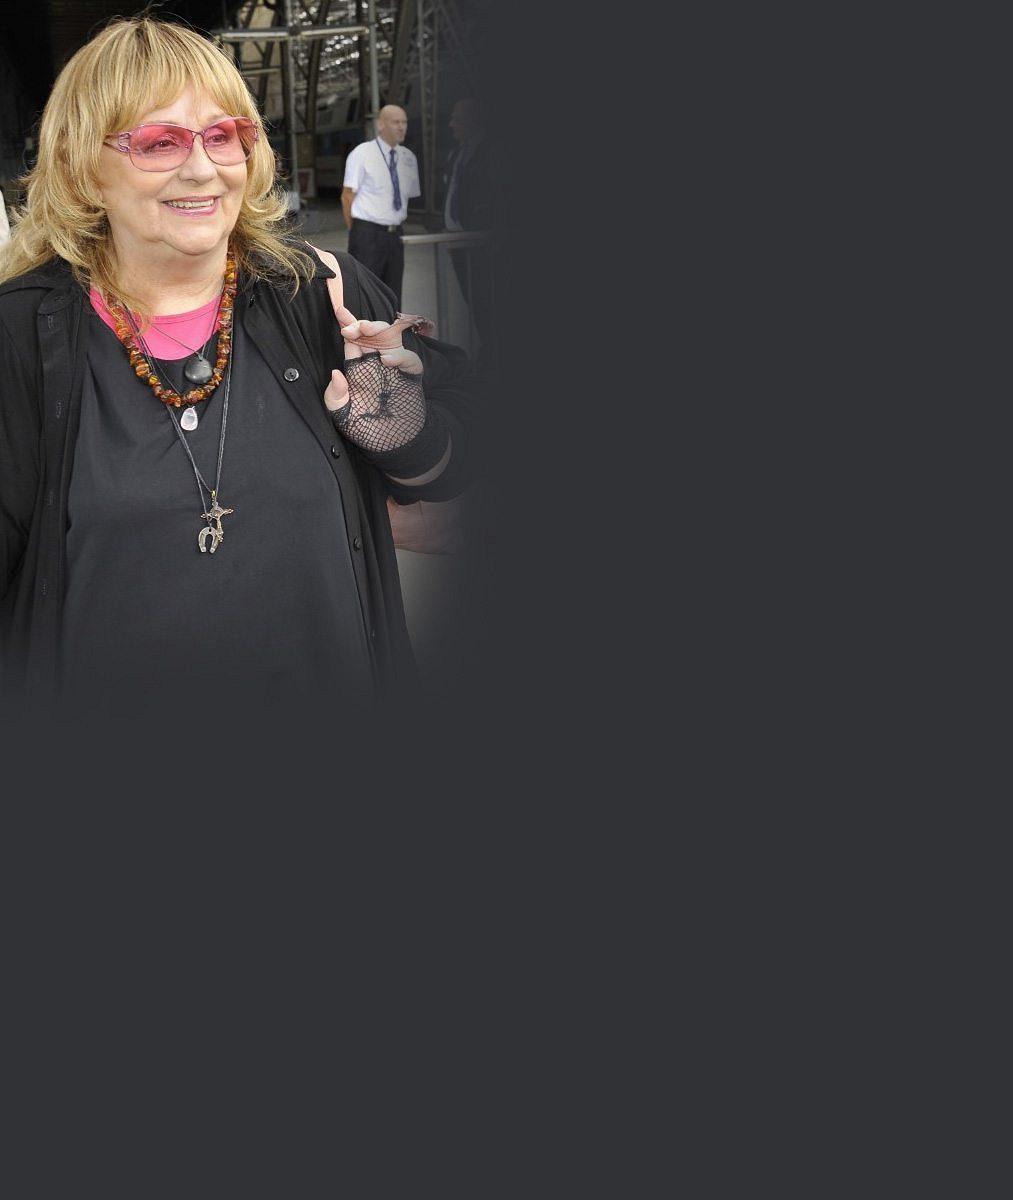 Strach ze zbraní anásilí. Dcera Nadi Urbánkové prodala dům ase snoubencem prchla zUSA